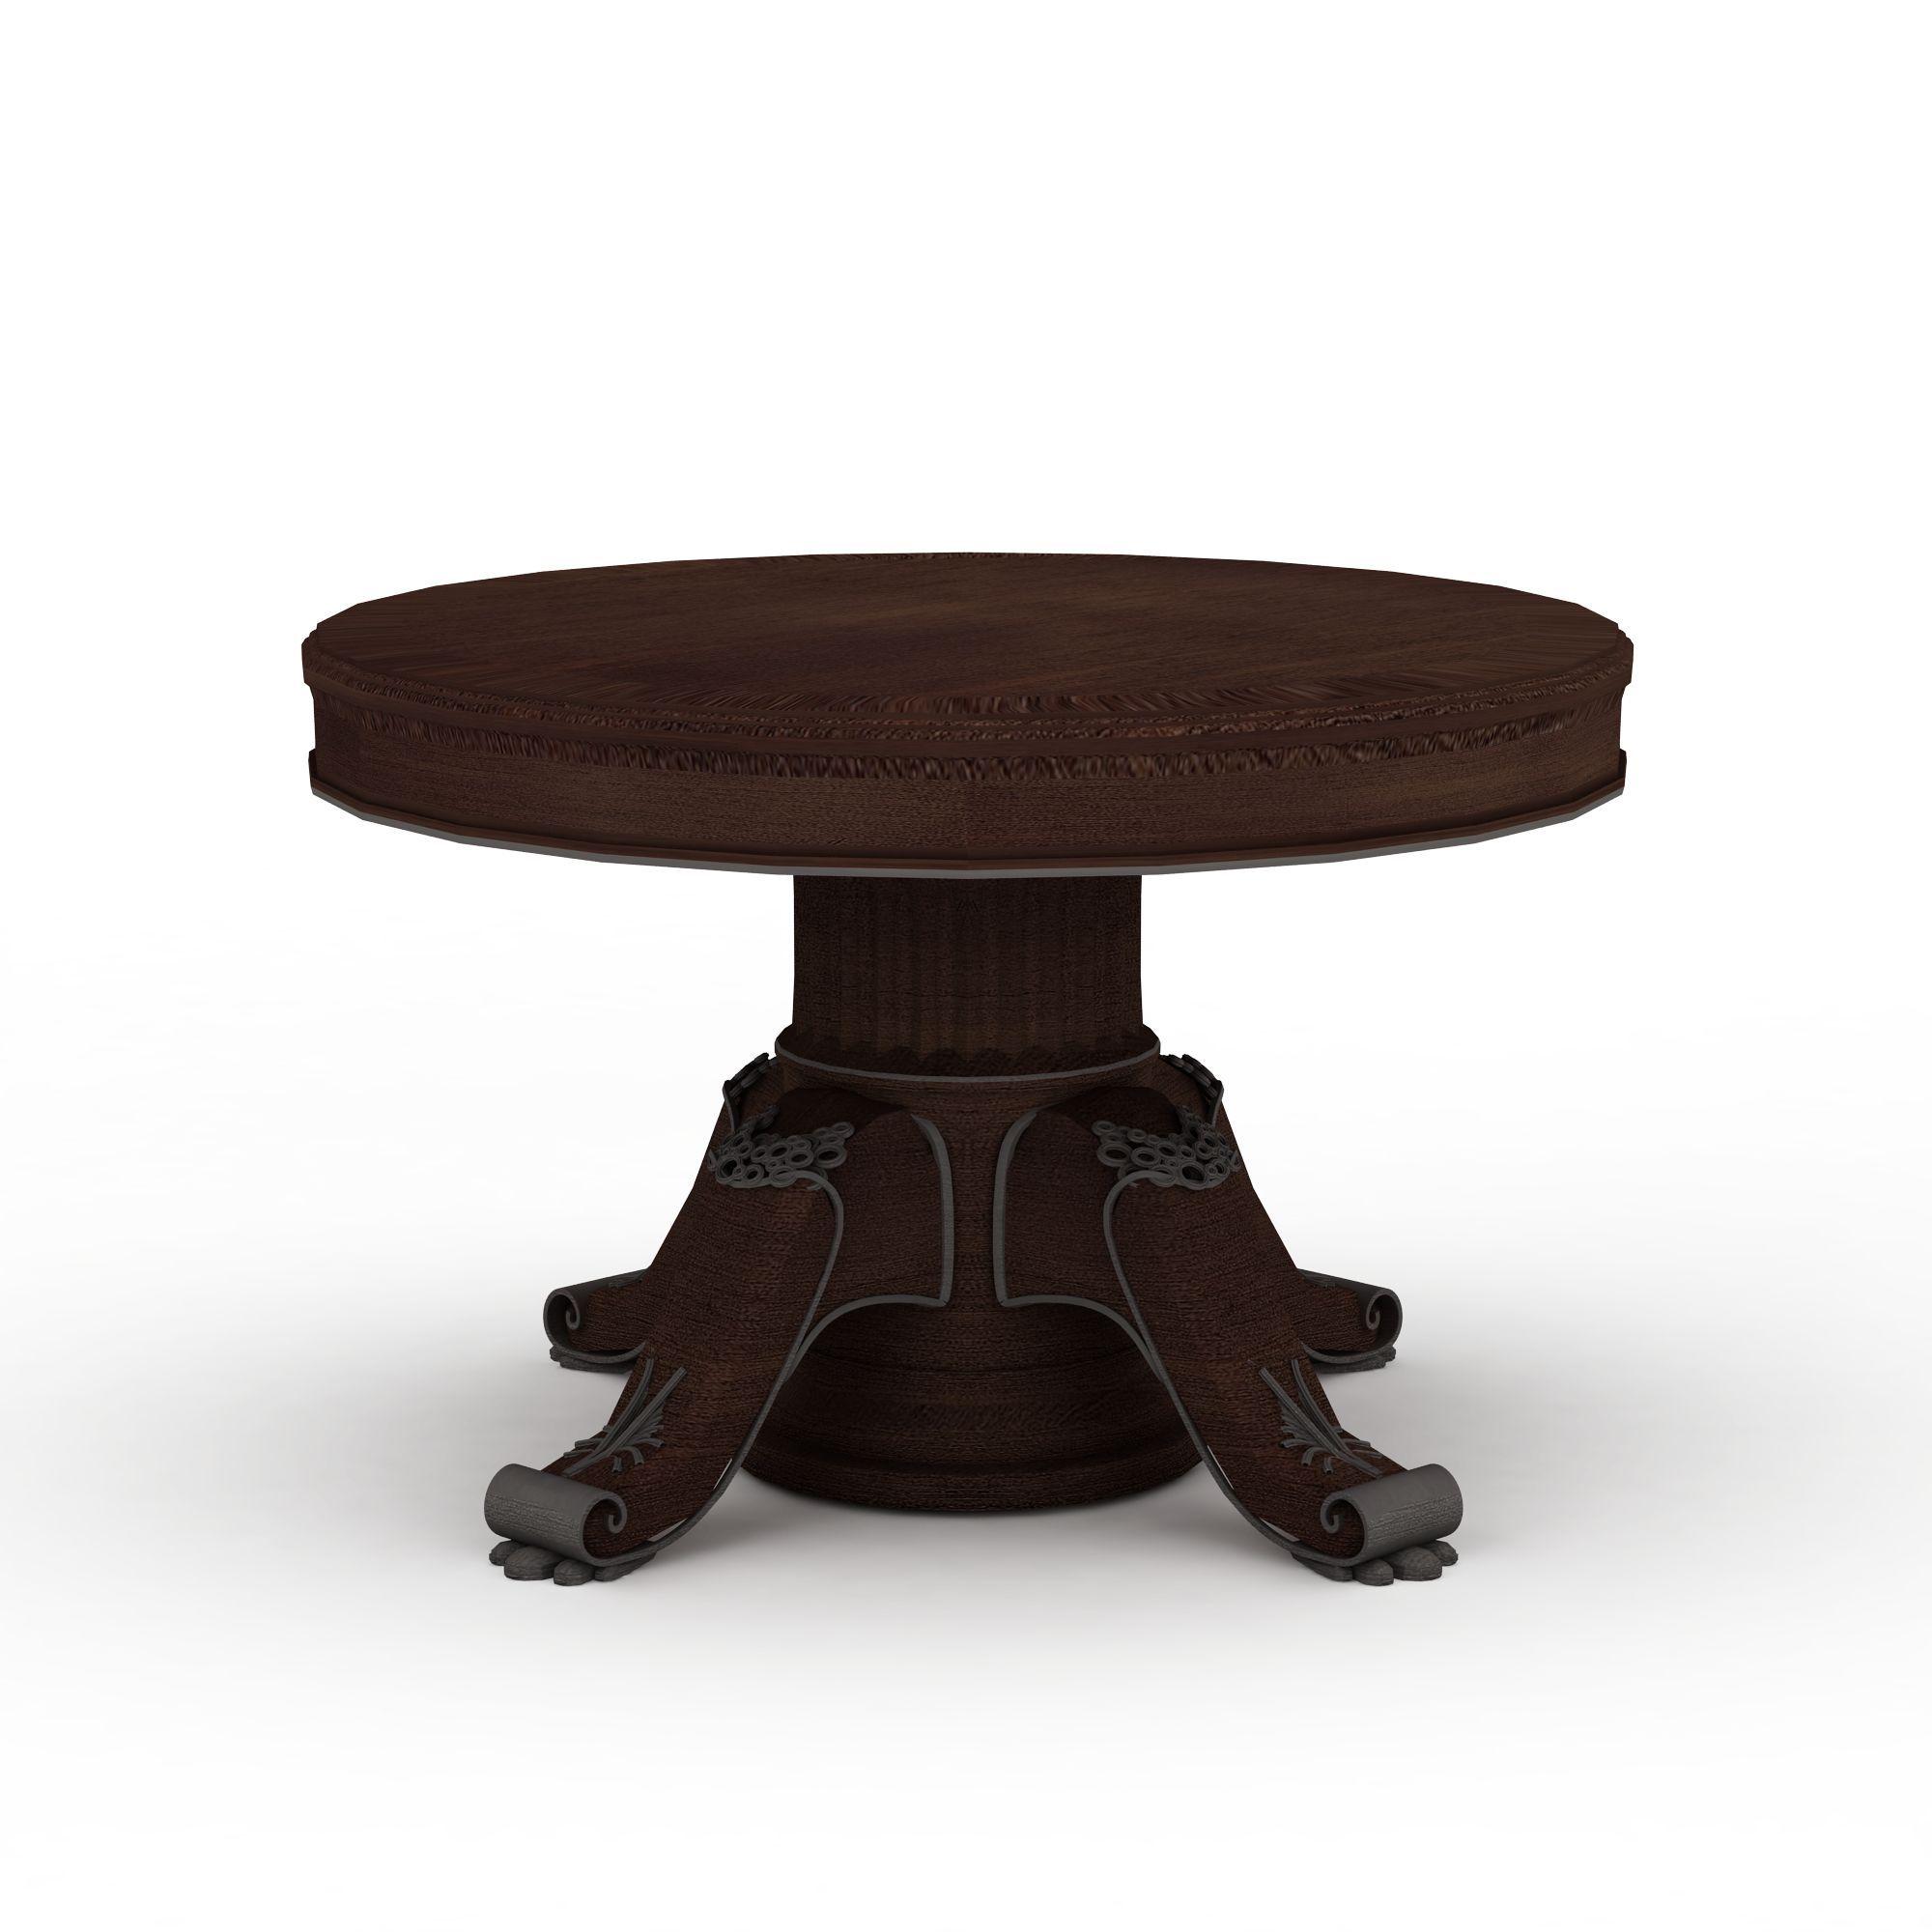 现代 上传时间 2016/03/23  关键词:古典圆桌3d模型圆桌3d模型中式图片